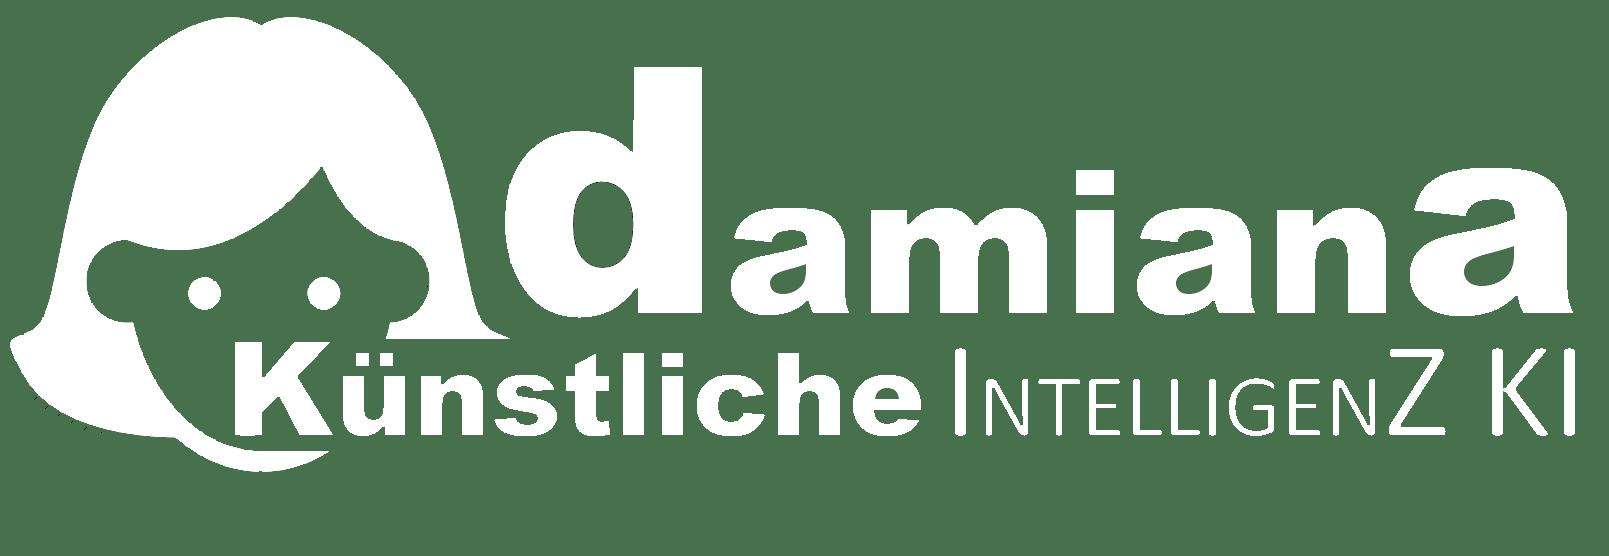 Damiana Künstliche Intelligenz KI 1.0 Bild mit Logo Weiss